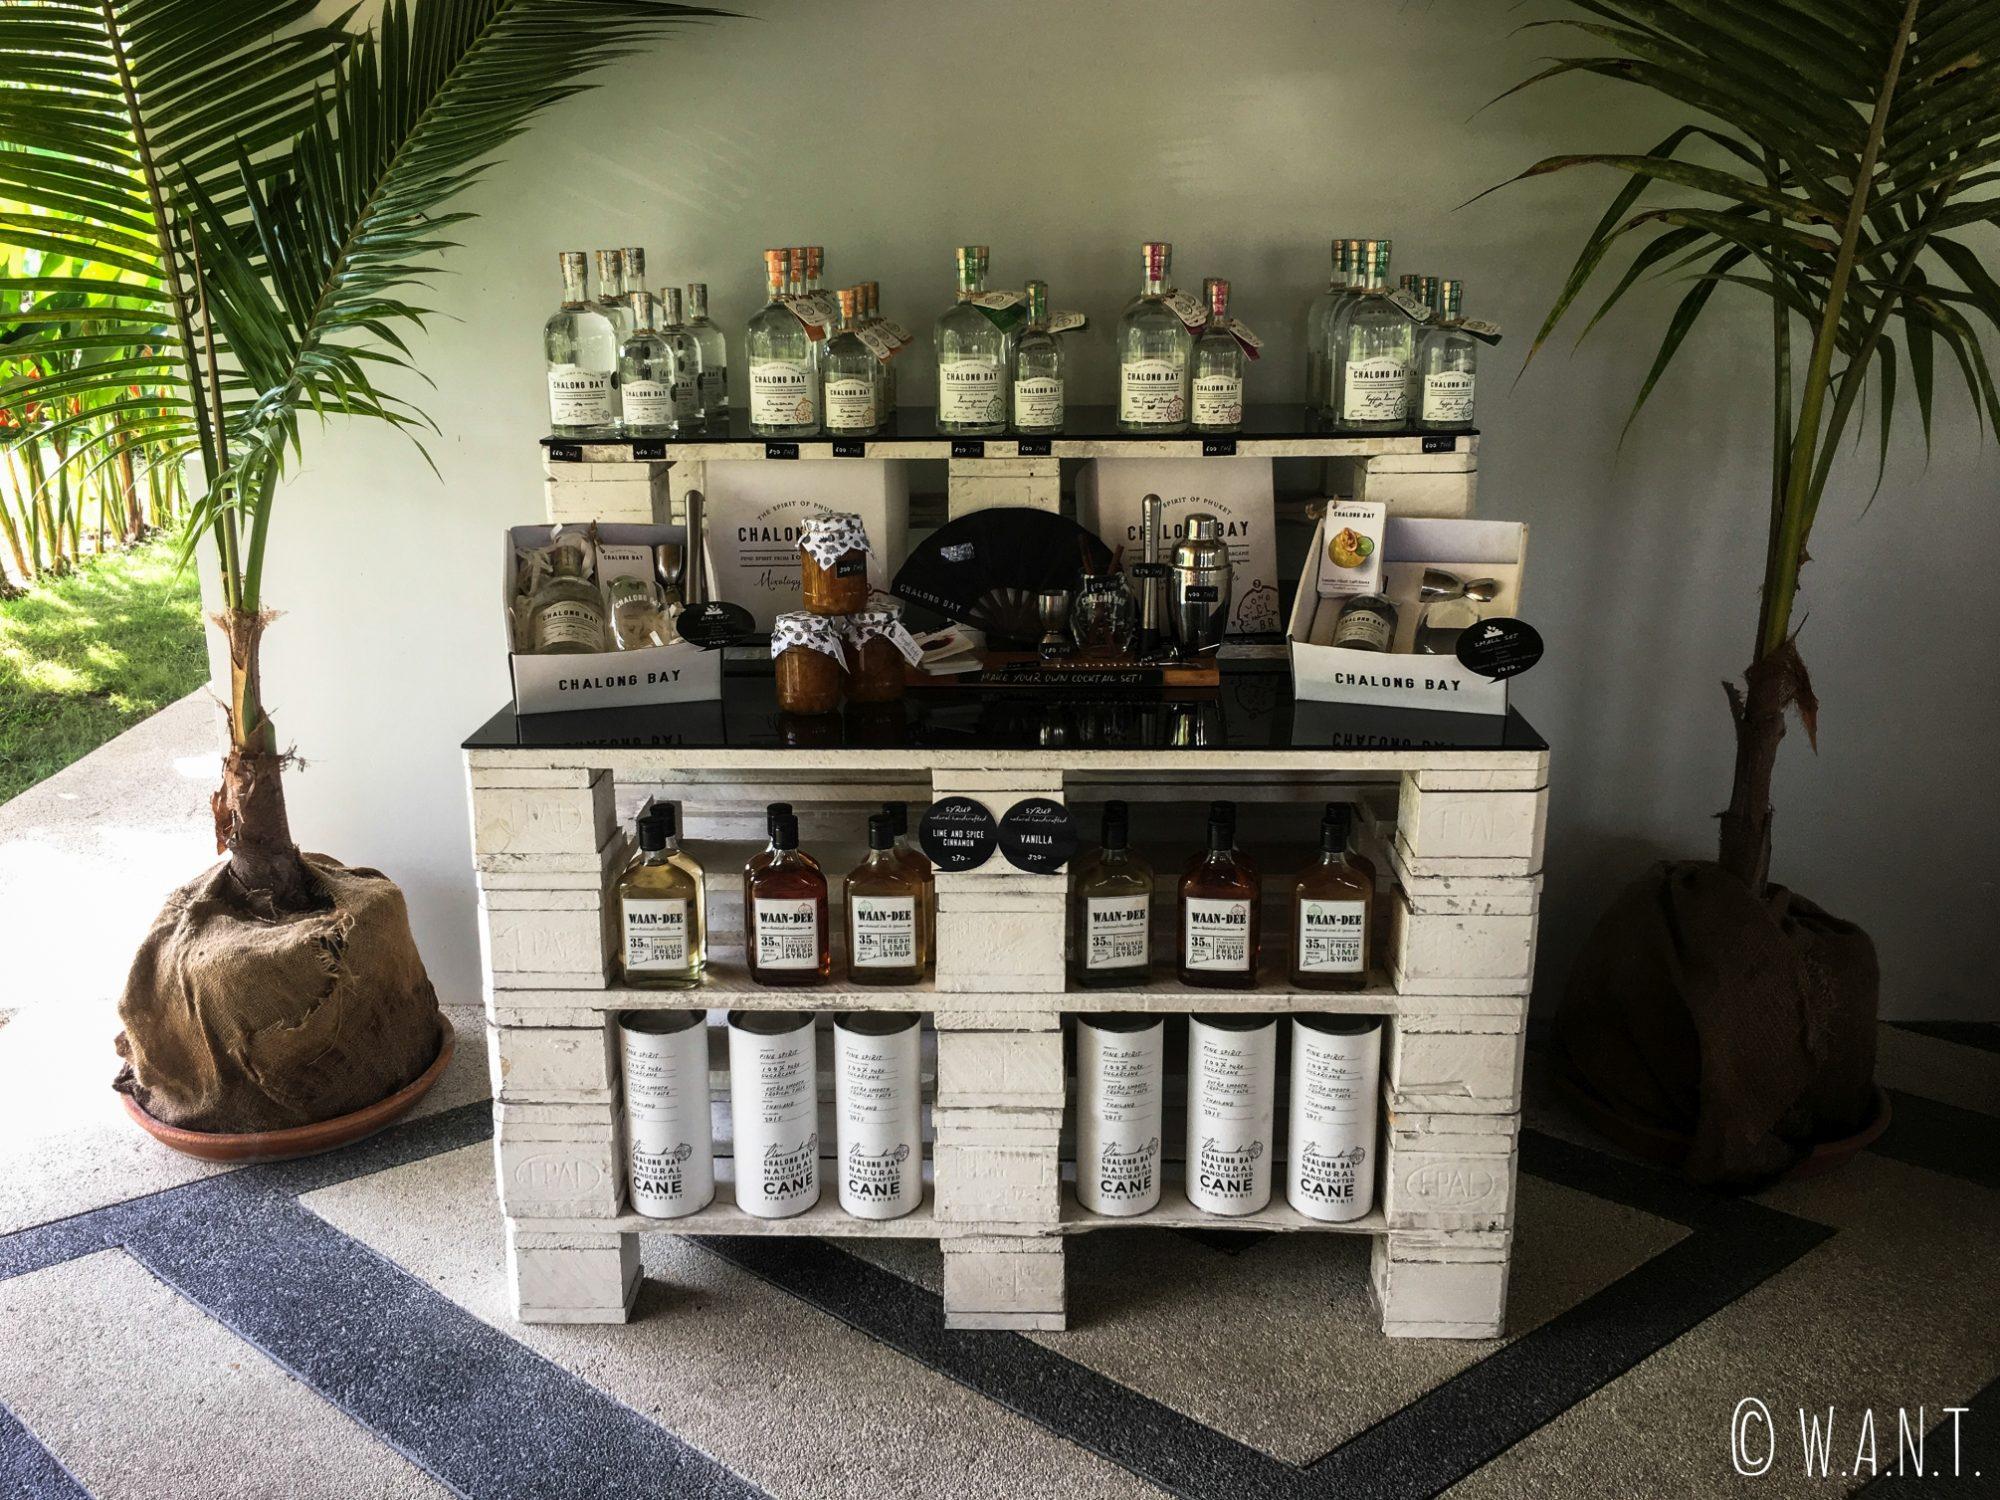 Présentation des différents rhums de la distillerie Chalong Bay de Phuket